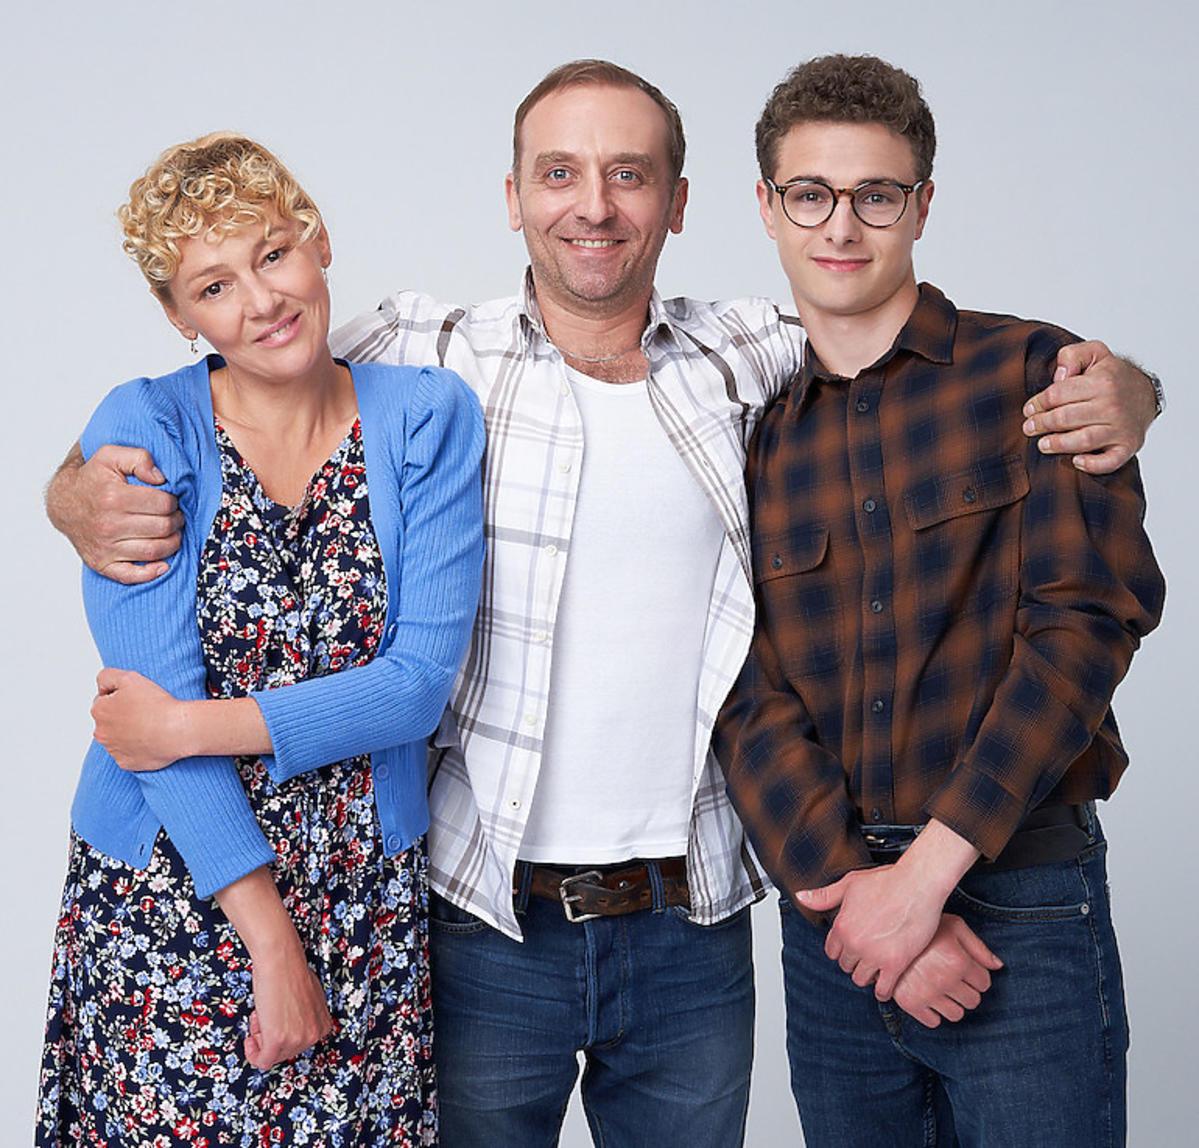 Kowalscy kontra Kowalscy - nowy serial Polsatu